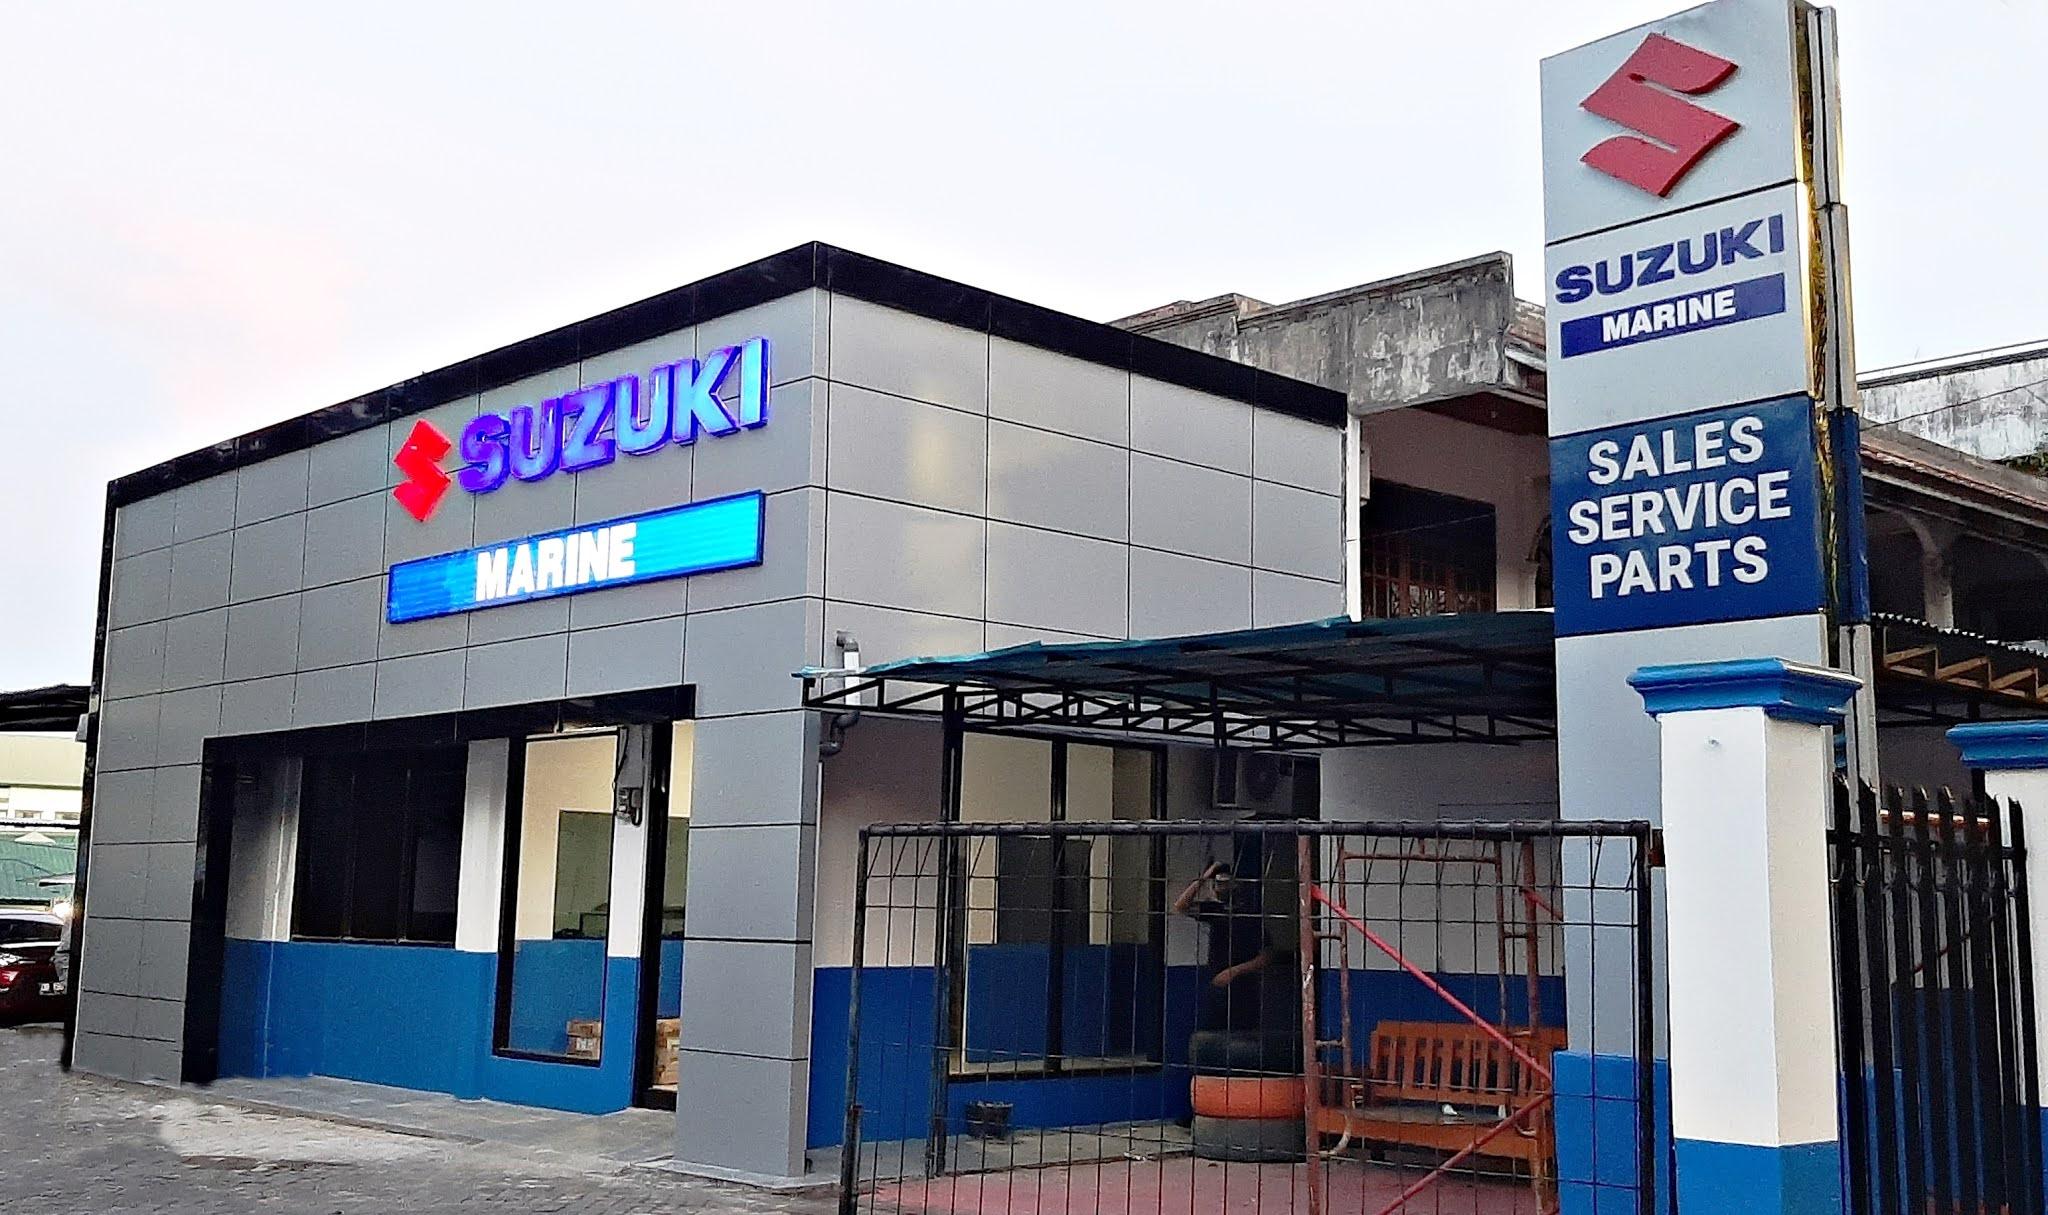 Suzuki Marine Resmikan Diler Baru di Manado